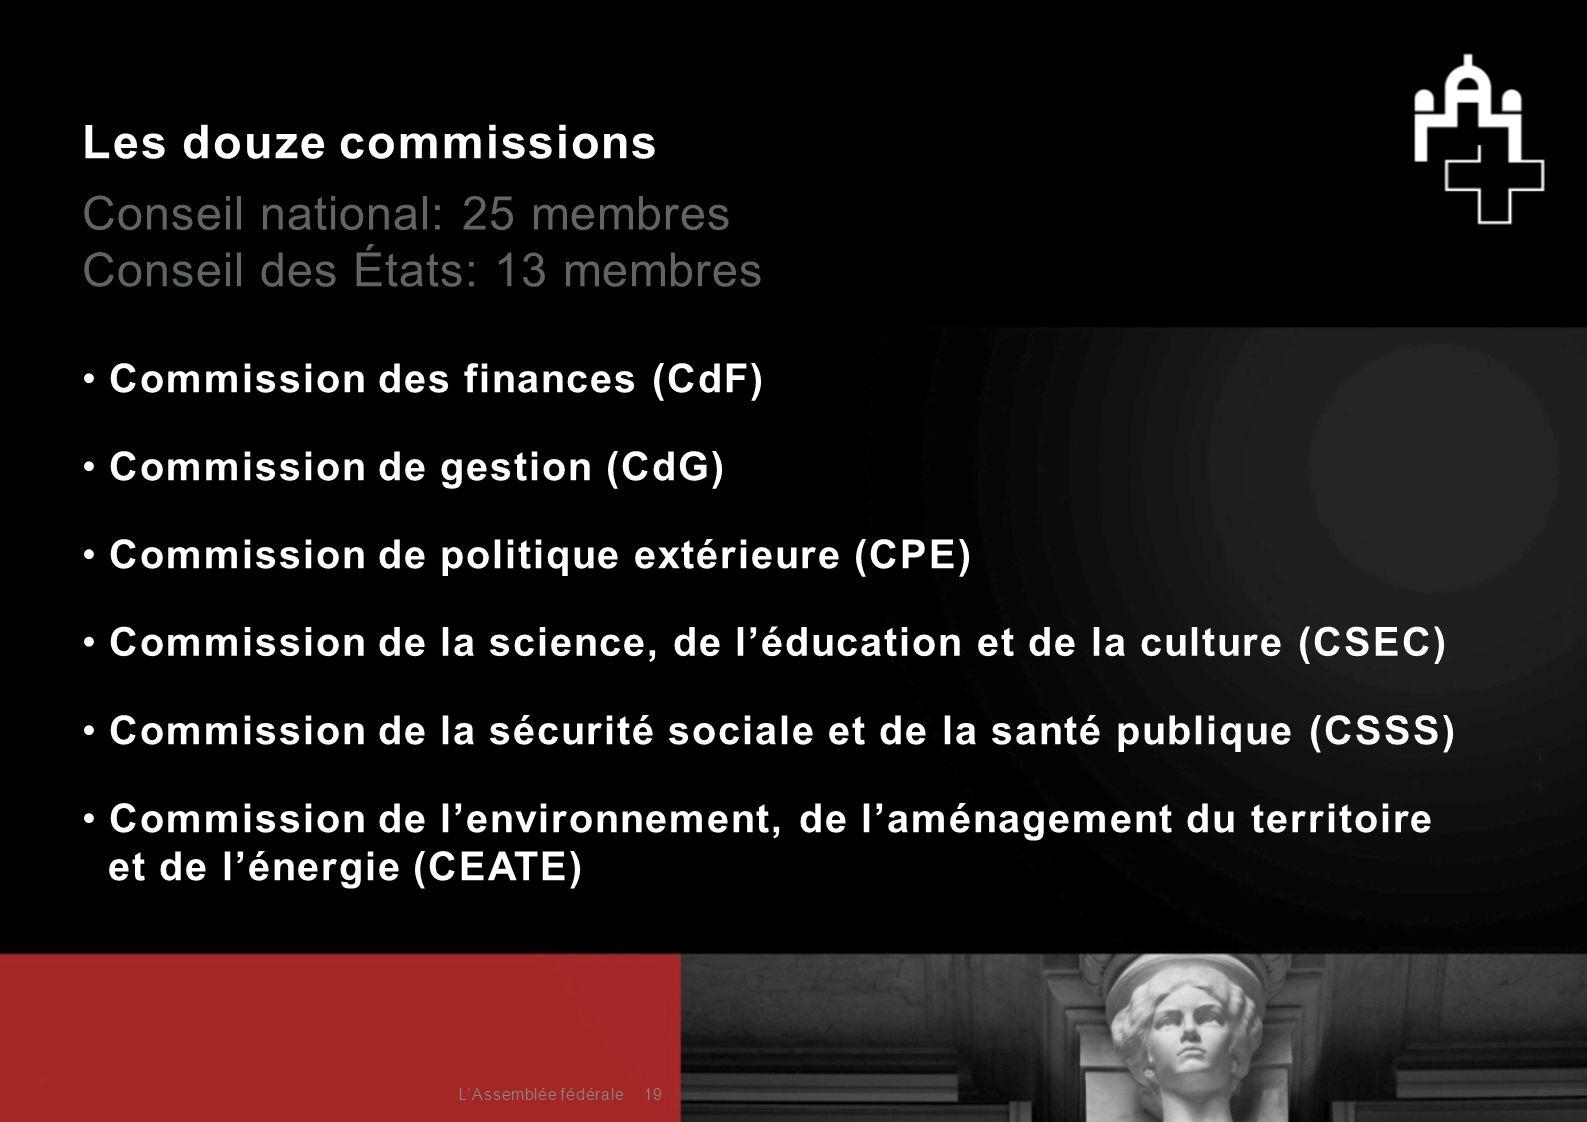 Les douze commissions Conseil national: 25 membres Commission des finances (CdF) Conseil des États: 13 membres Commission de gestion (CdG) Commission